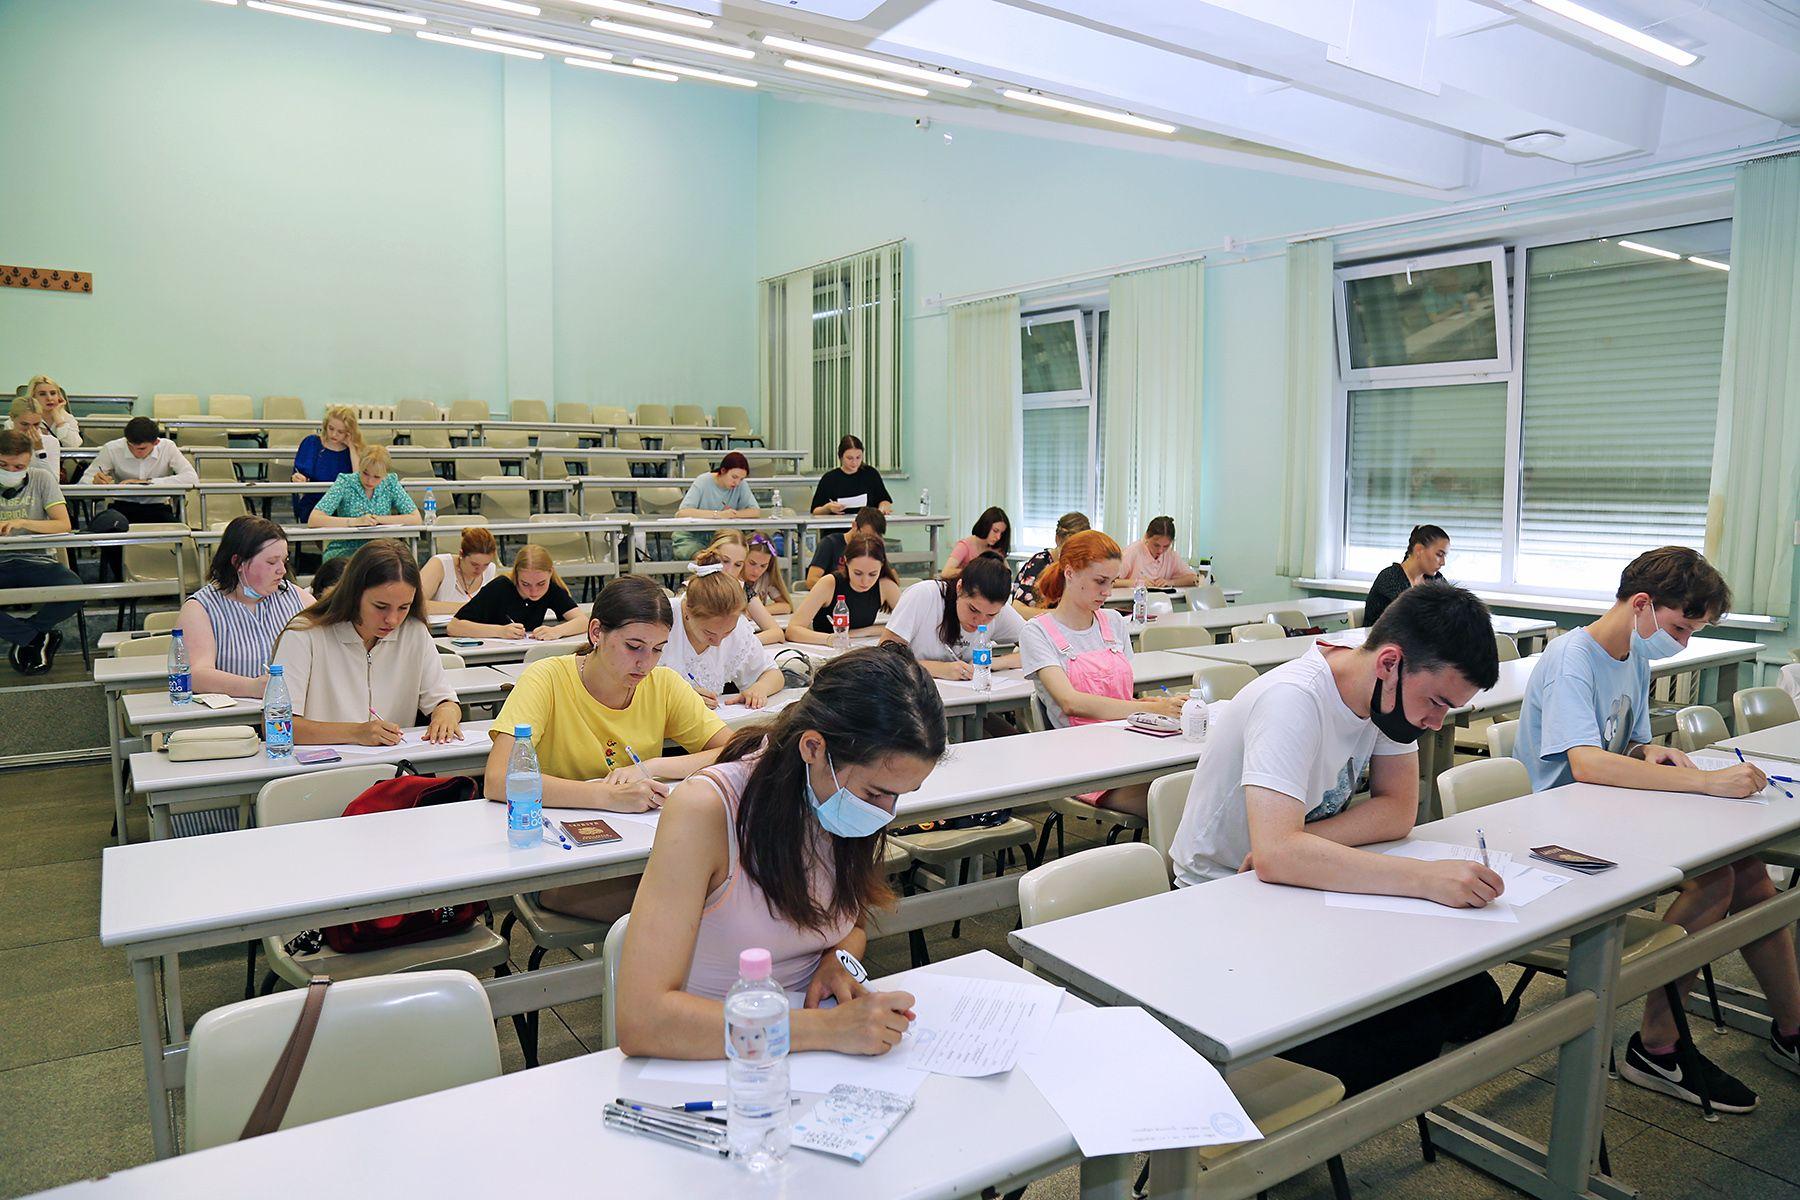 Информация о проведении дополнительного творческого испытания для абитуриентов Высшей школы телевидения ВГУЭС